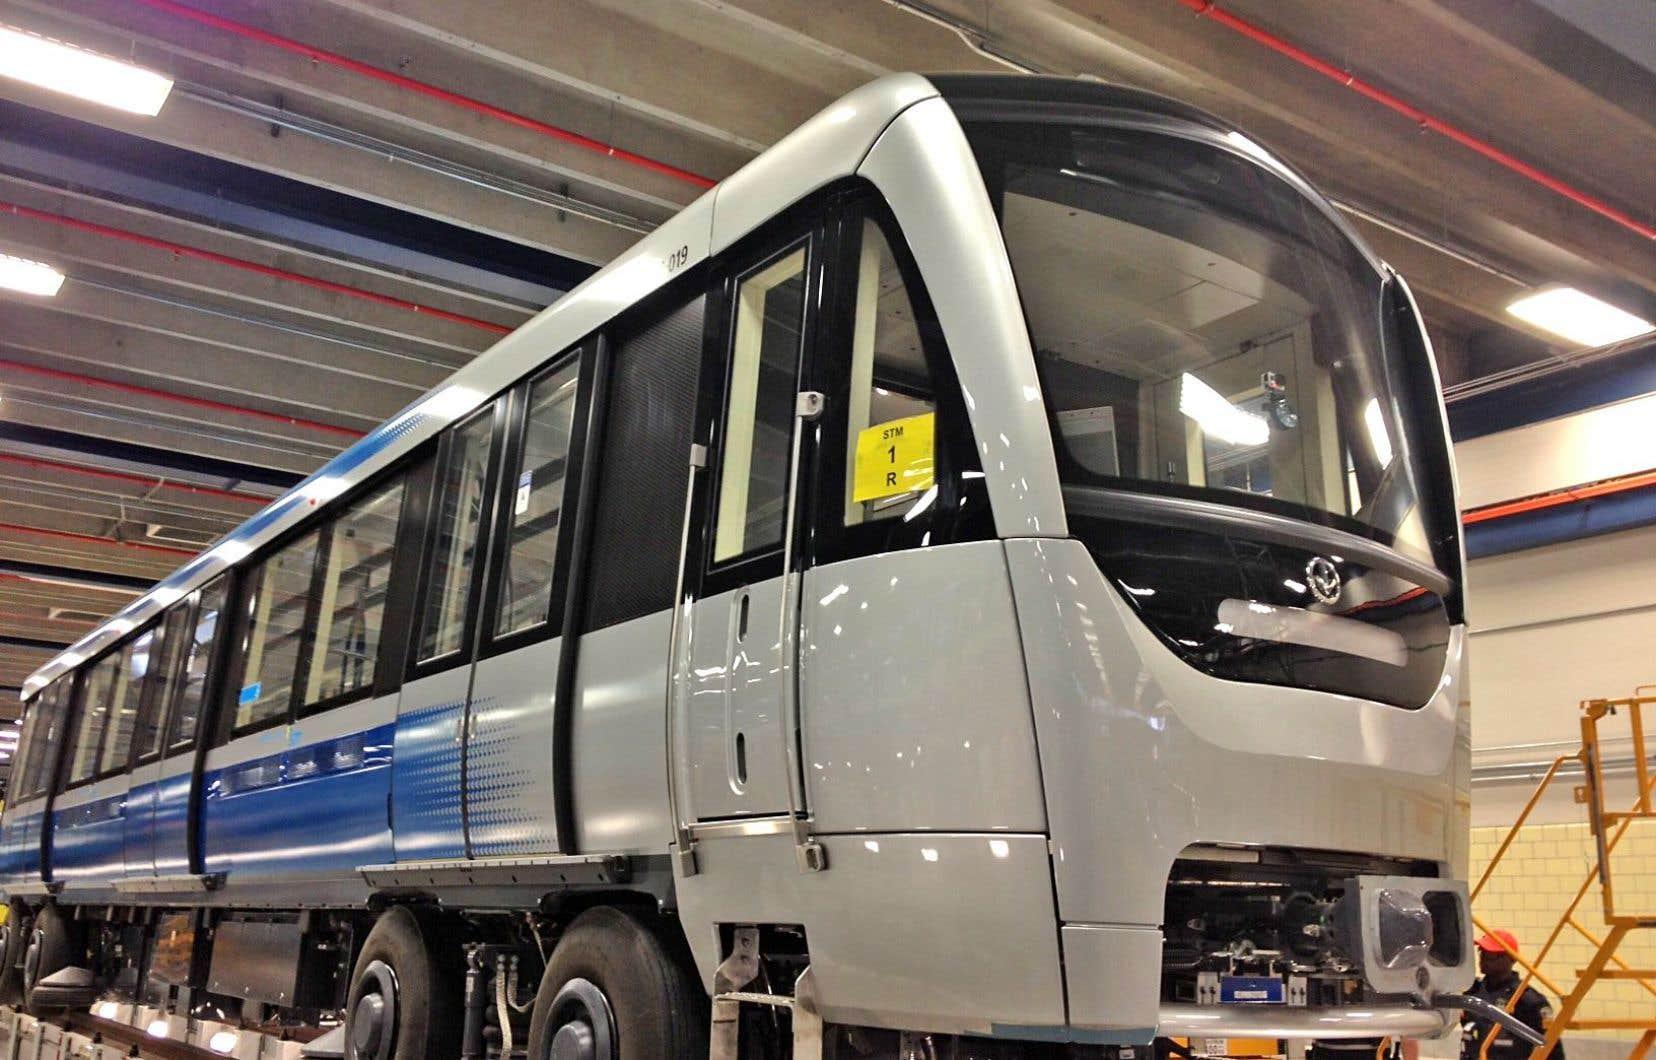 La chaîne de production des voitures Azur sera interrompue d'avril à octobre, ce qui entraînera environ 150 mises à pied temporaires à La Pocatière.